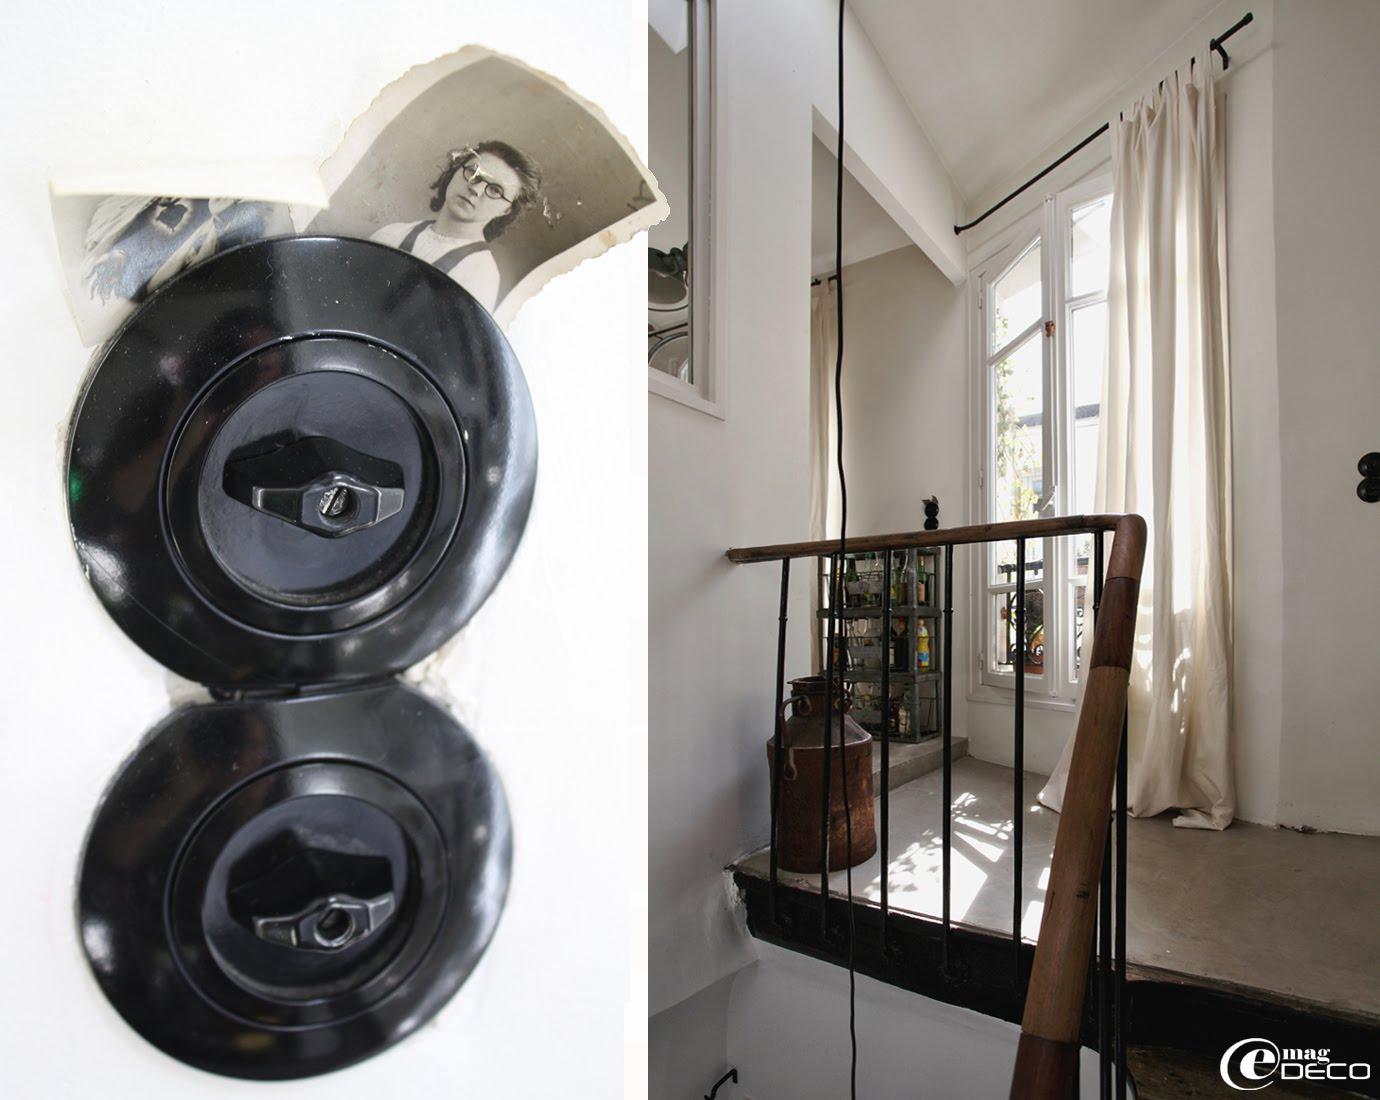 Interrupteurs en bakélite réédités par Berker et reproduisant le style fonctionnel du Bauhaus